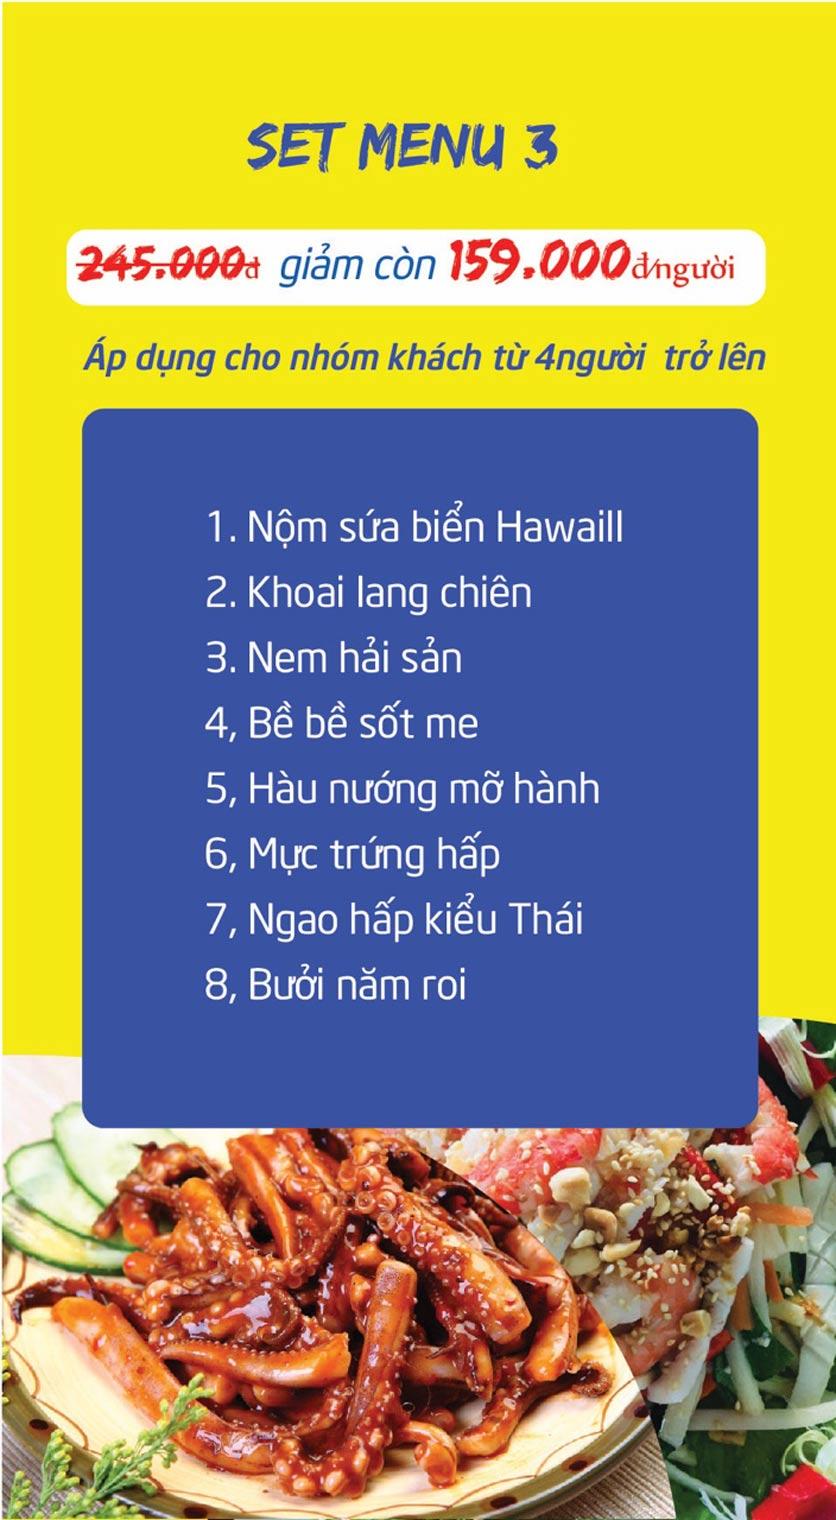 Menu Chợ Hải Sản Thiên Phú - KĐT Văn Phú 10